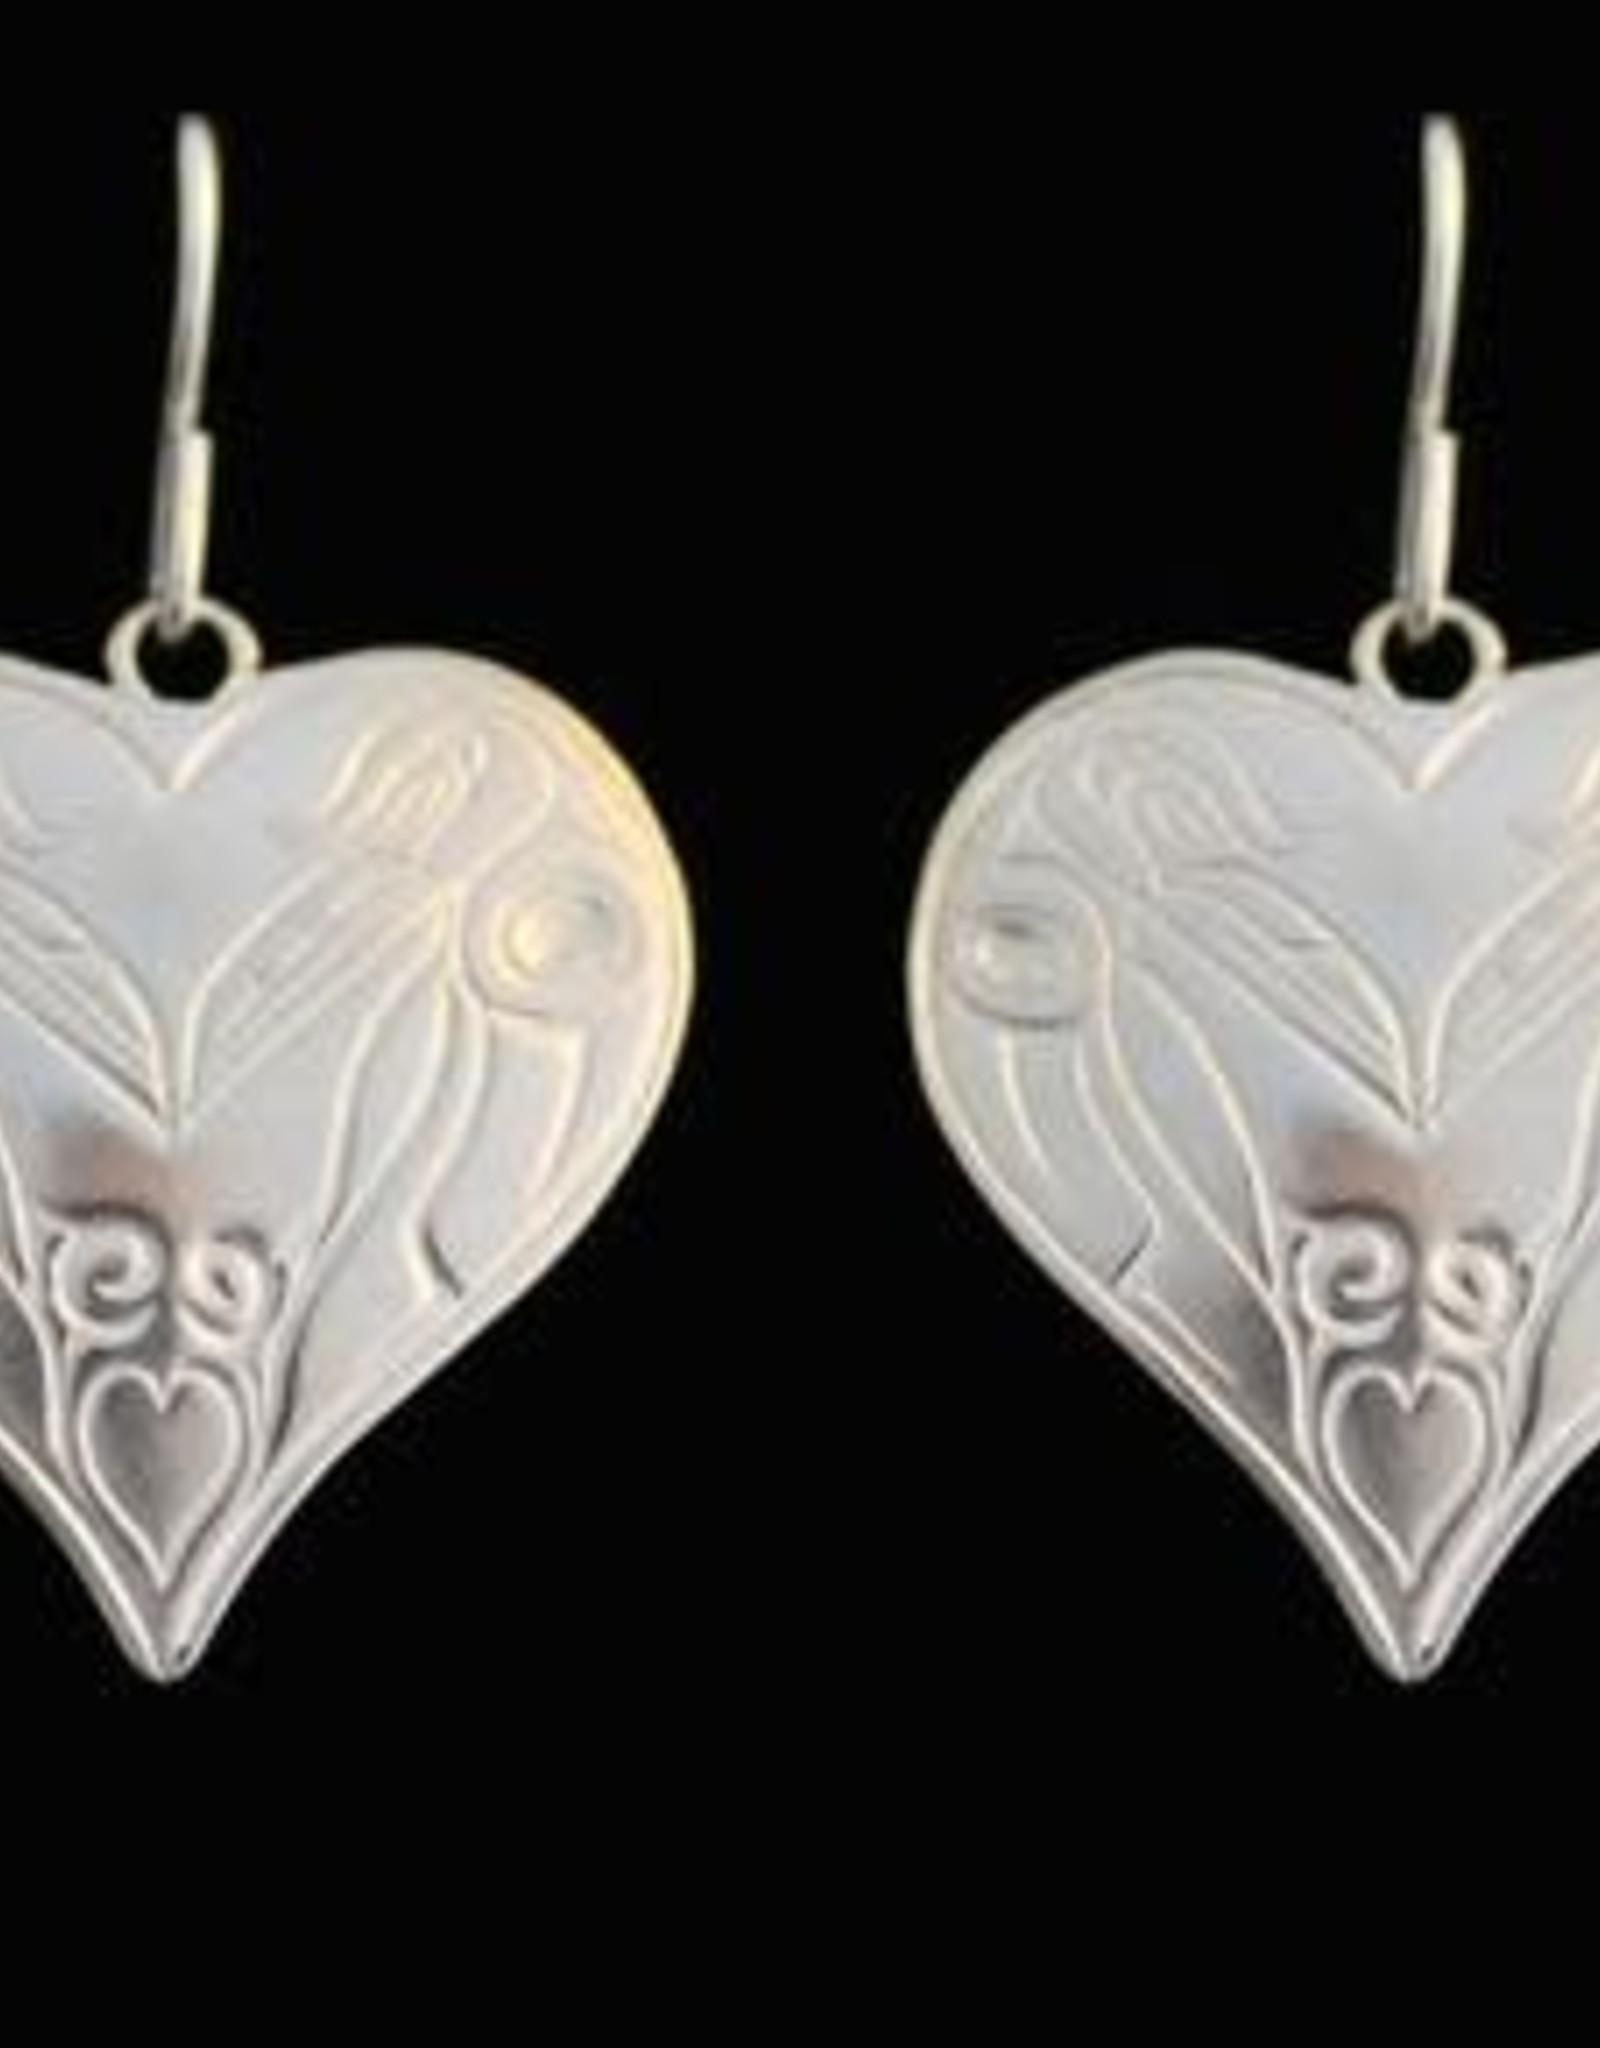 Silver Cast Raven Heart Earrings by Artist Jadeon Rathgeber